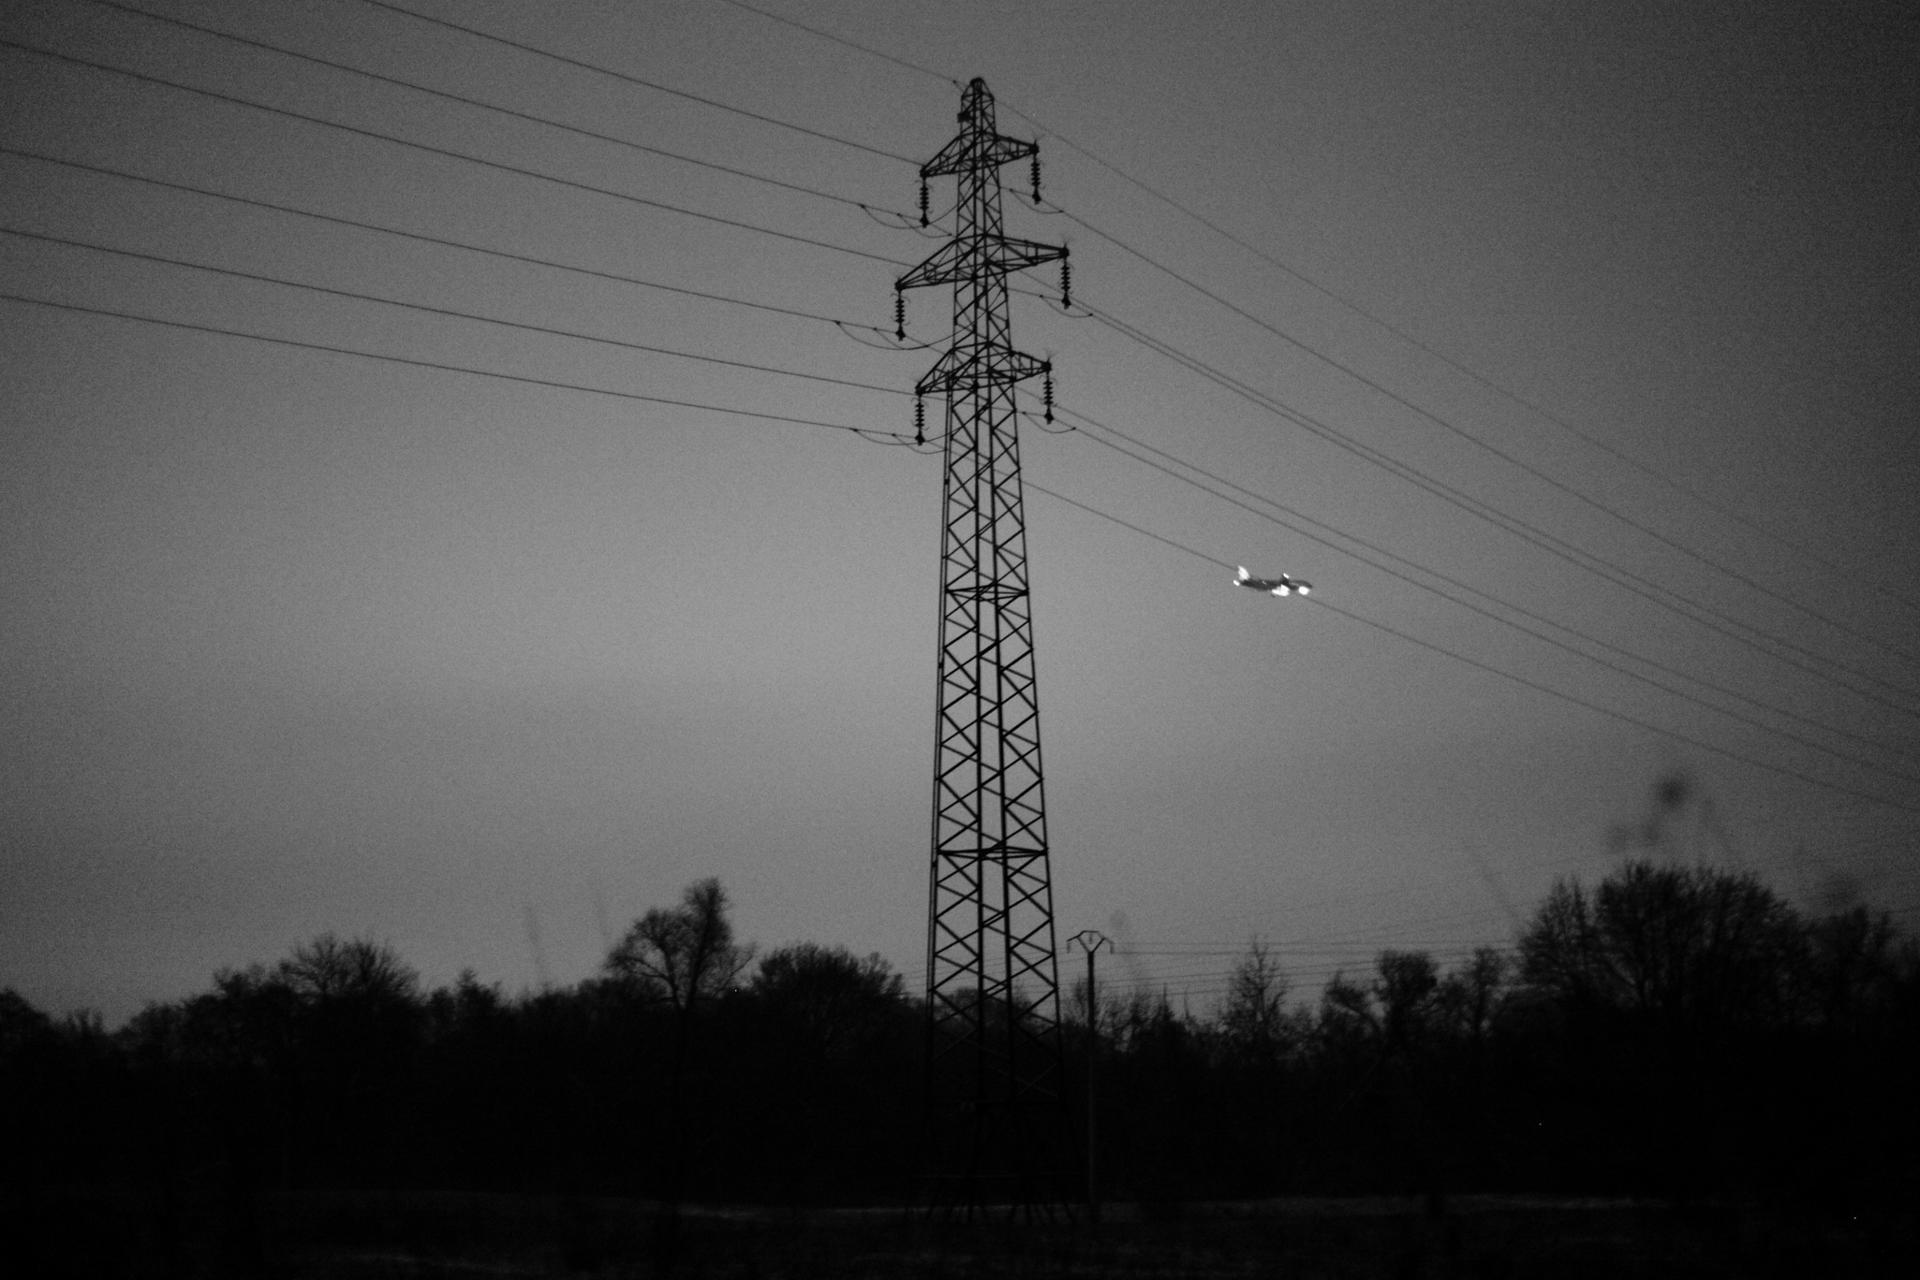 Ligne électrique et aérienne